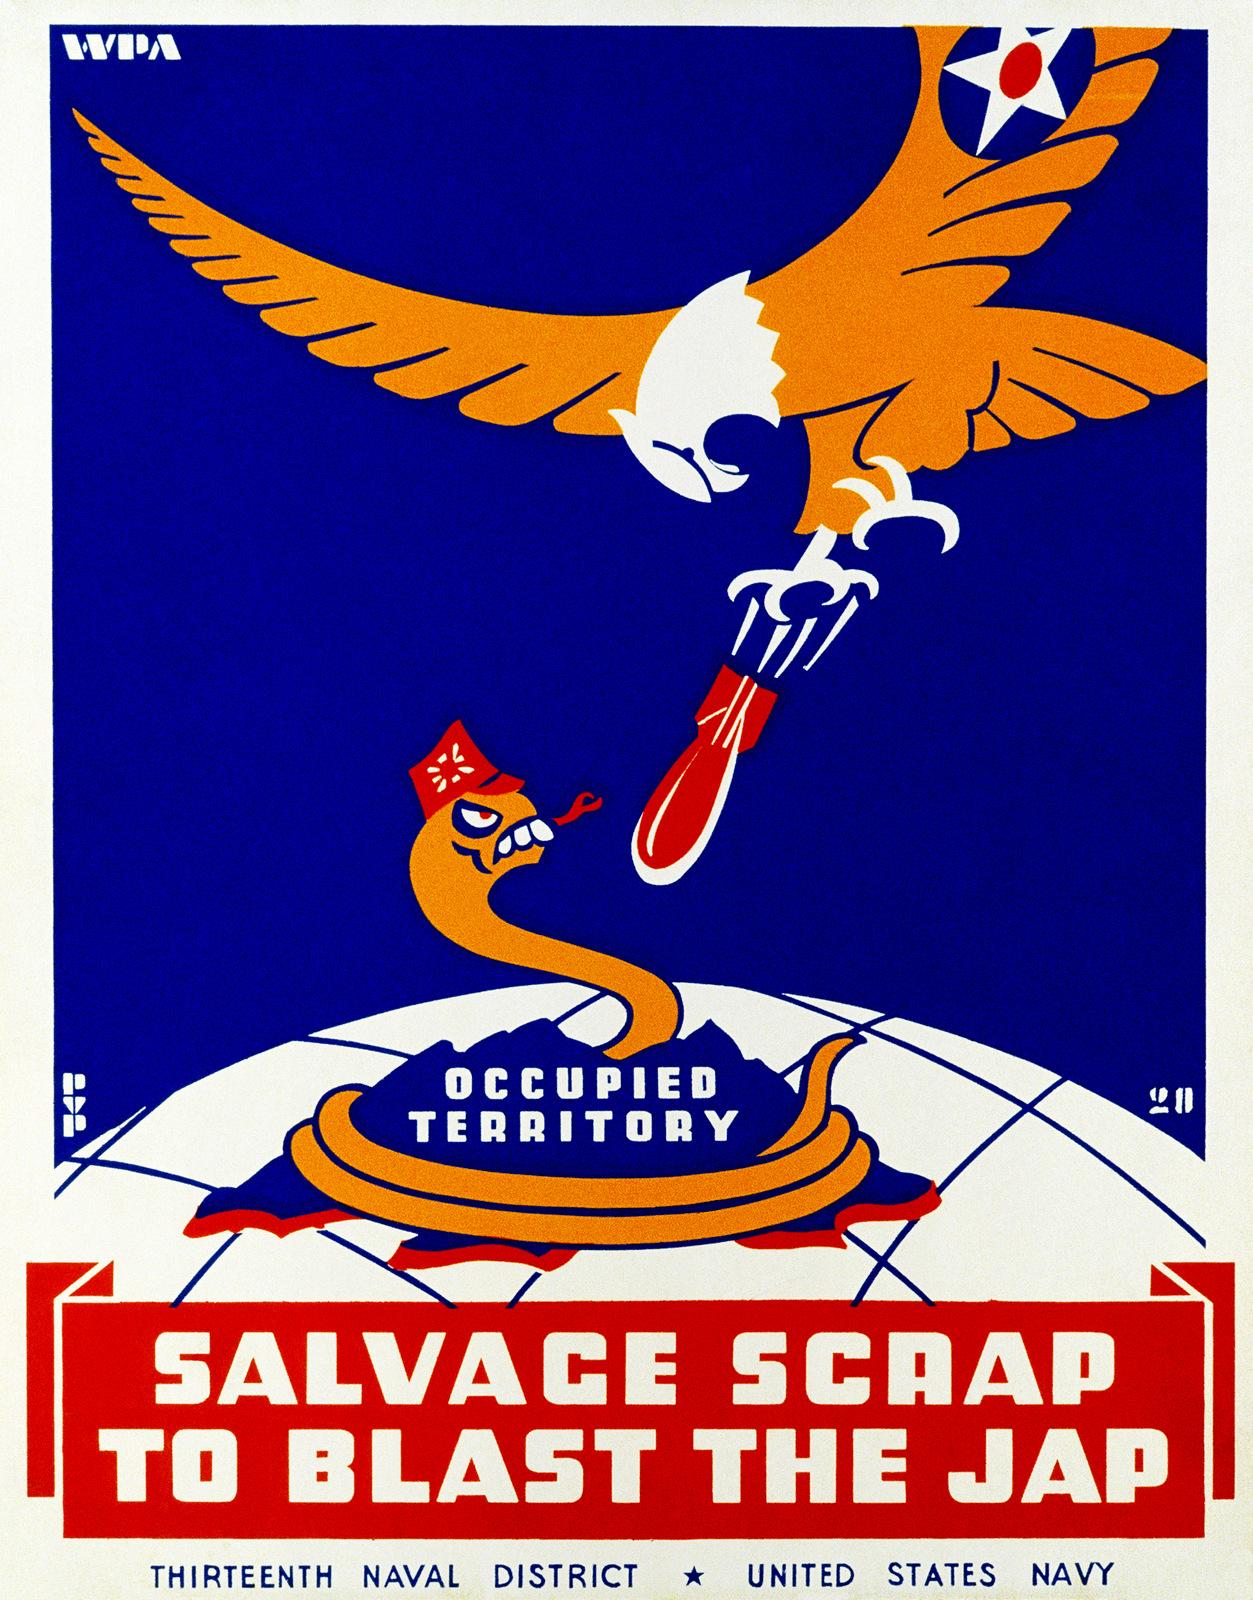 Salvage_Scrap_propaganda_poster_crop2